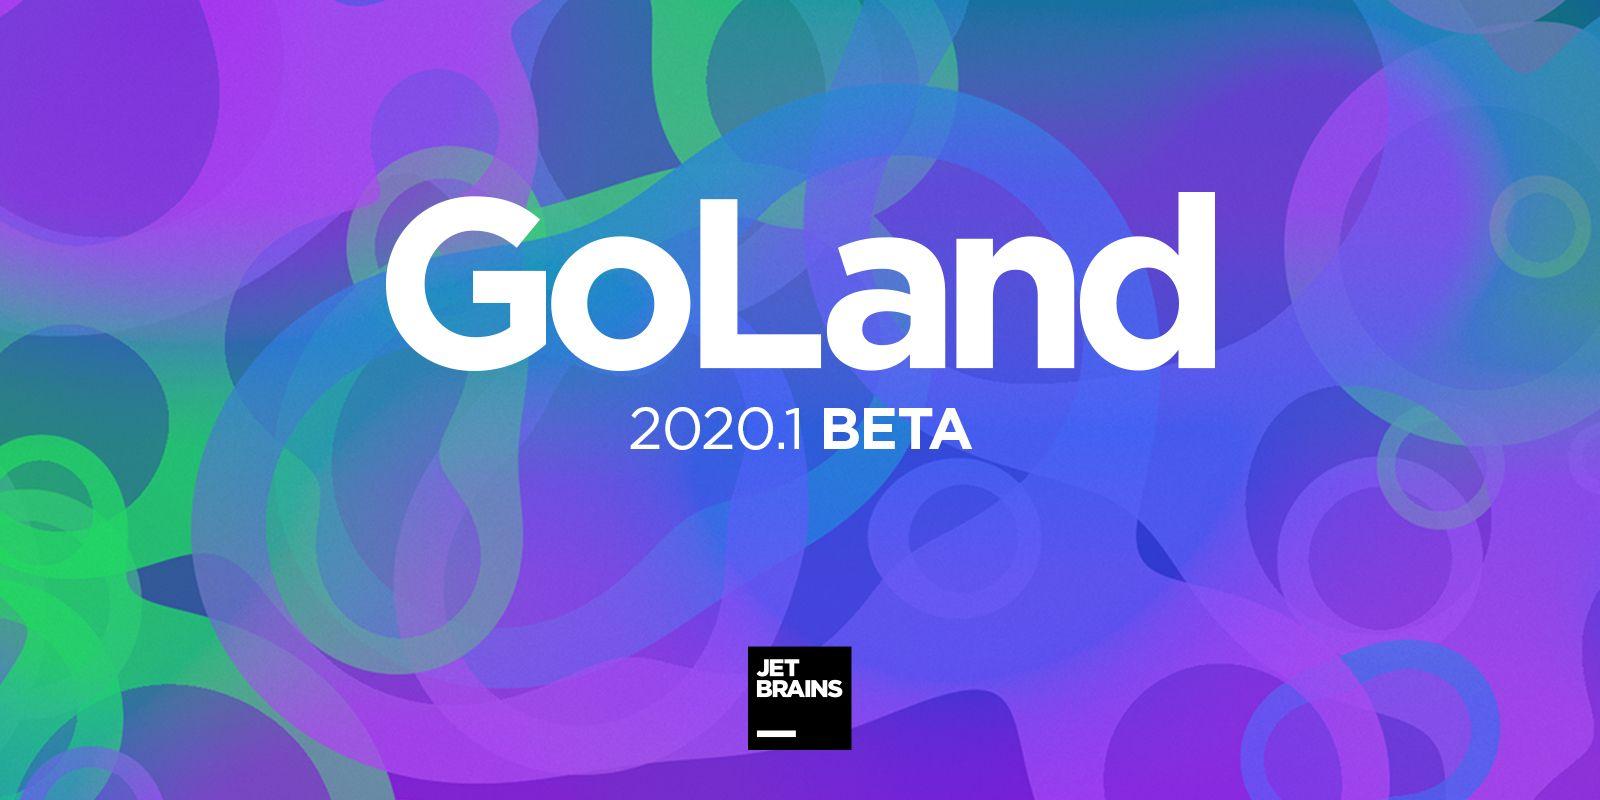 goland-2020-1-beta